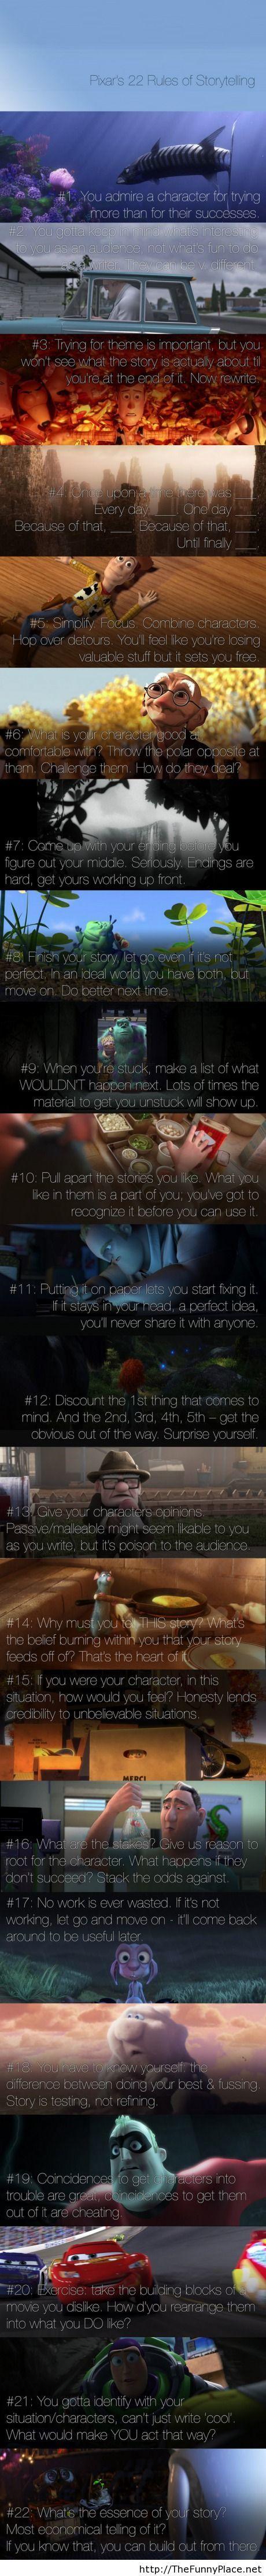 Pixar s 22 Rules of Storytelling